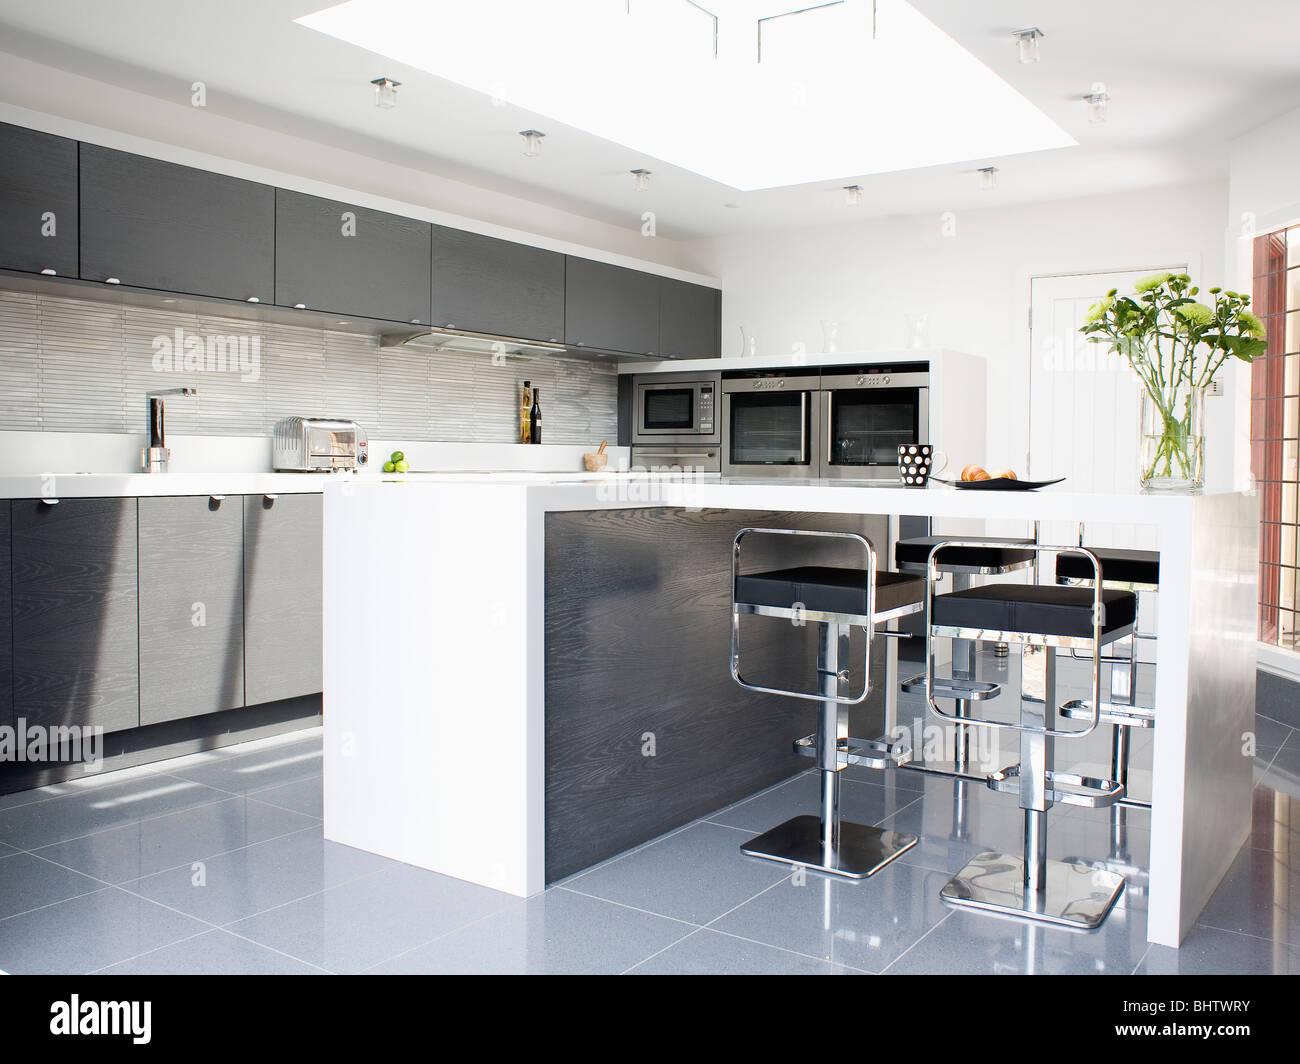 Erfreut Billige Kücheninseln Mit Frühstücksbar Bilder - Ideen Für ...